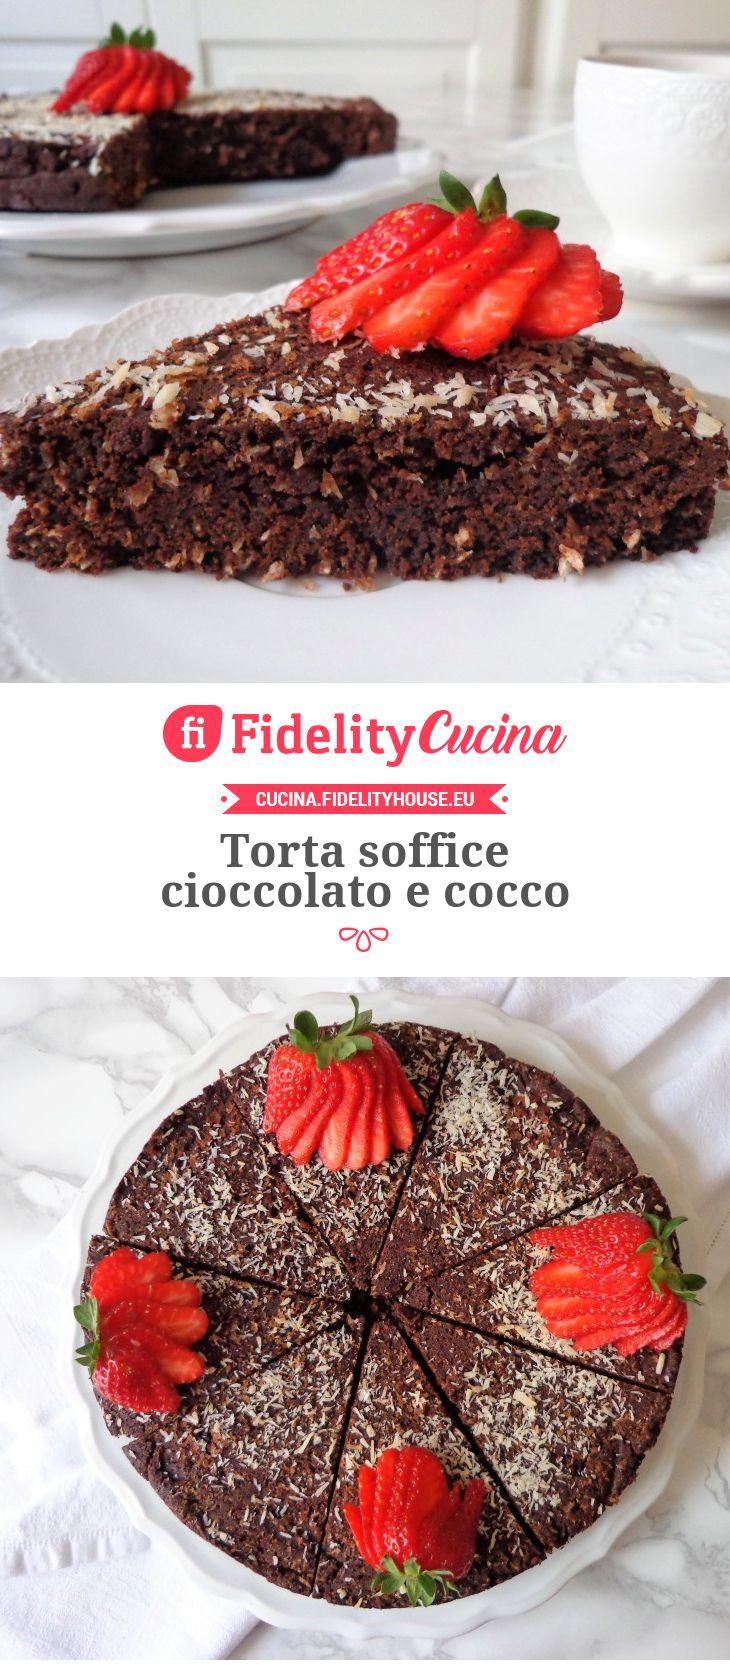 Torta soffice cioccolato e cocco